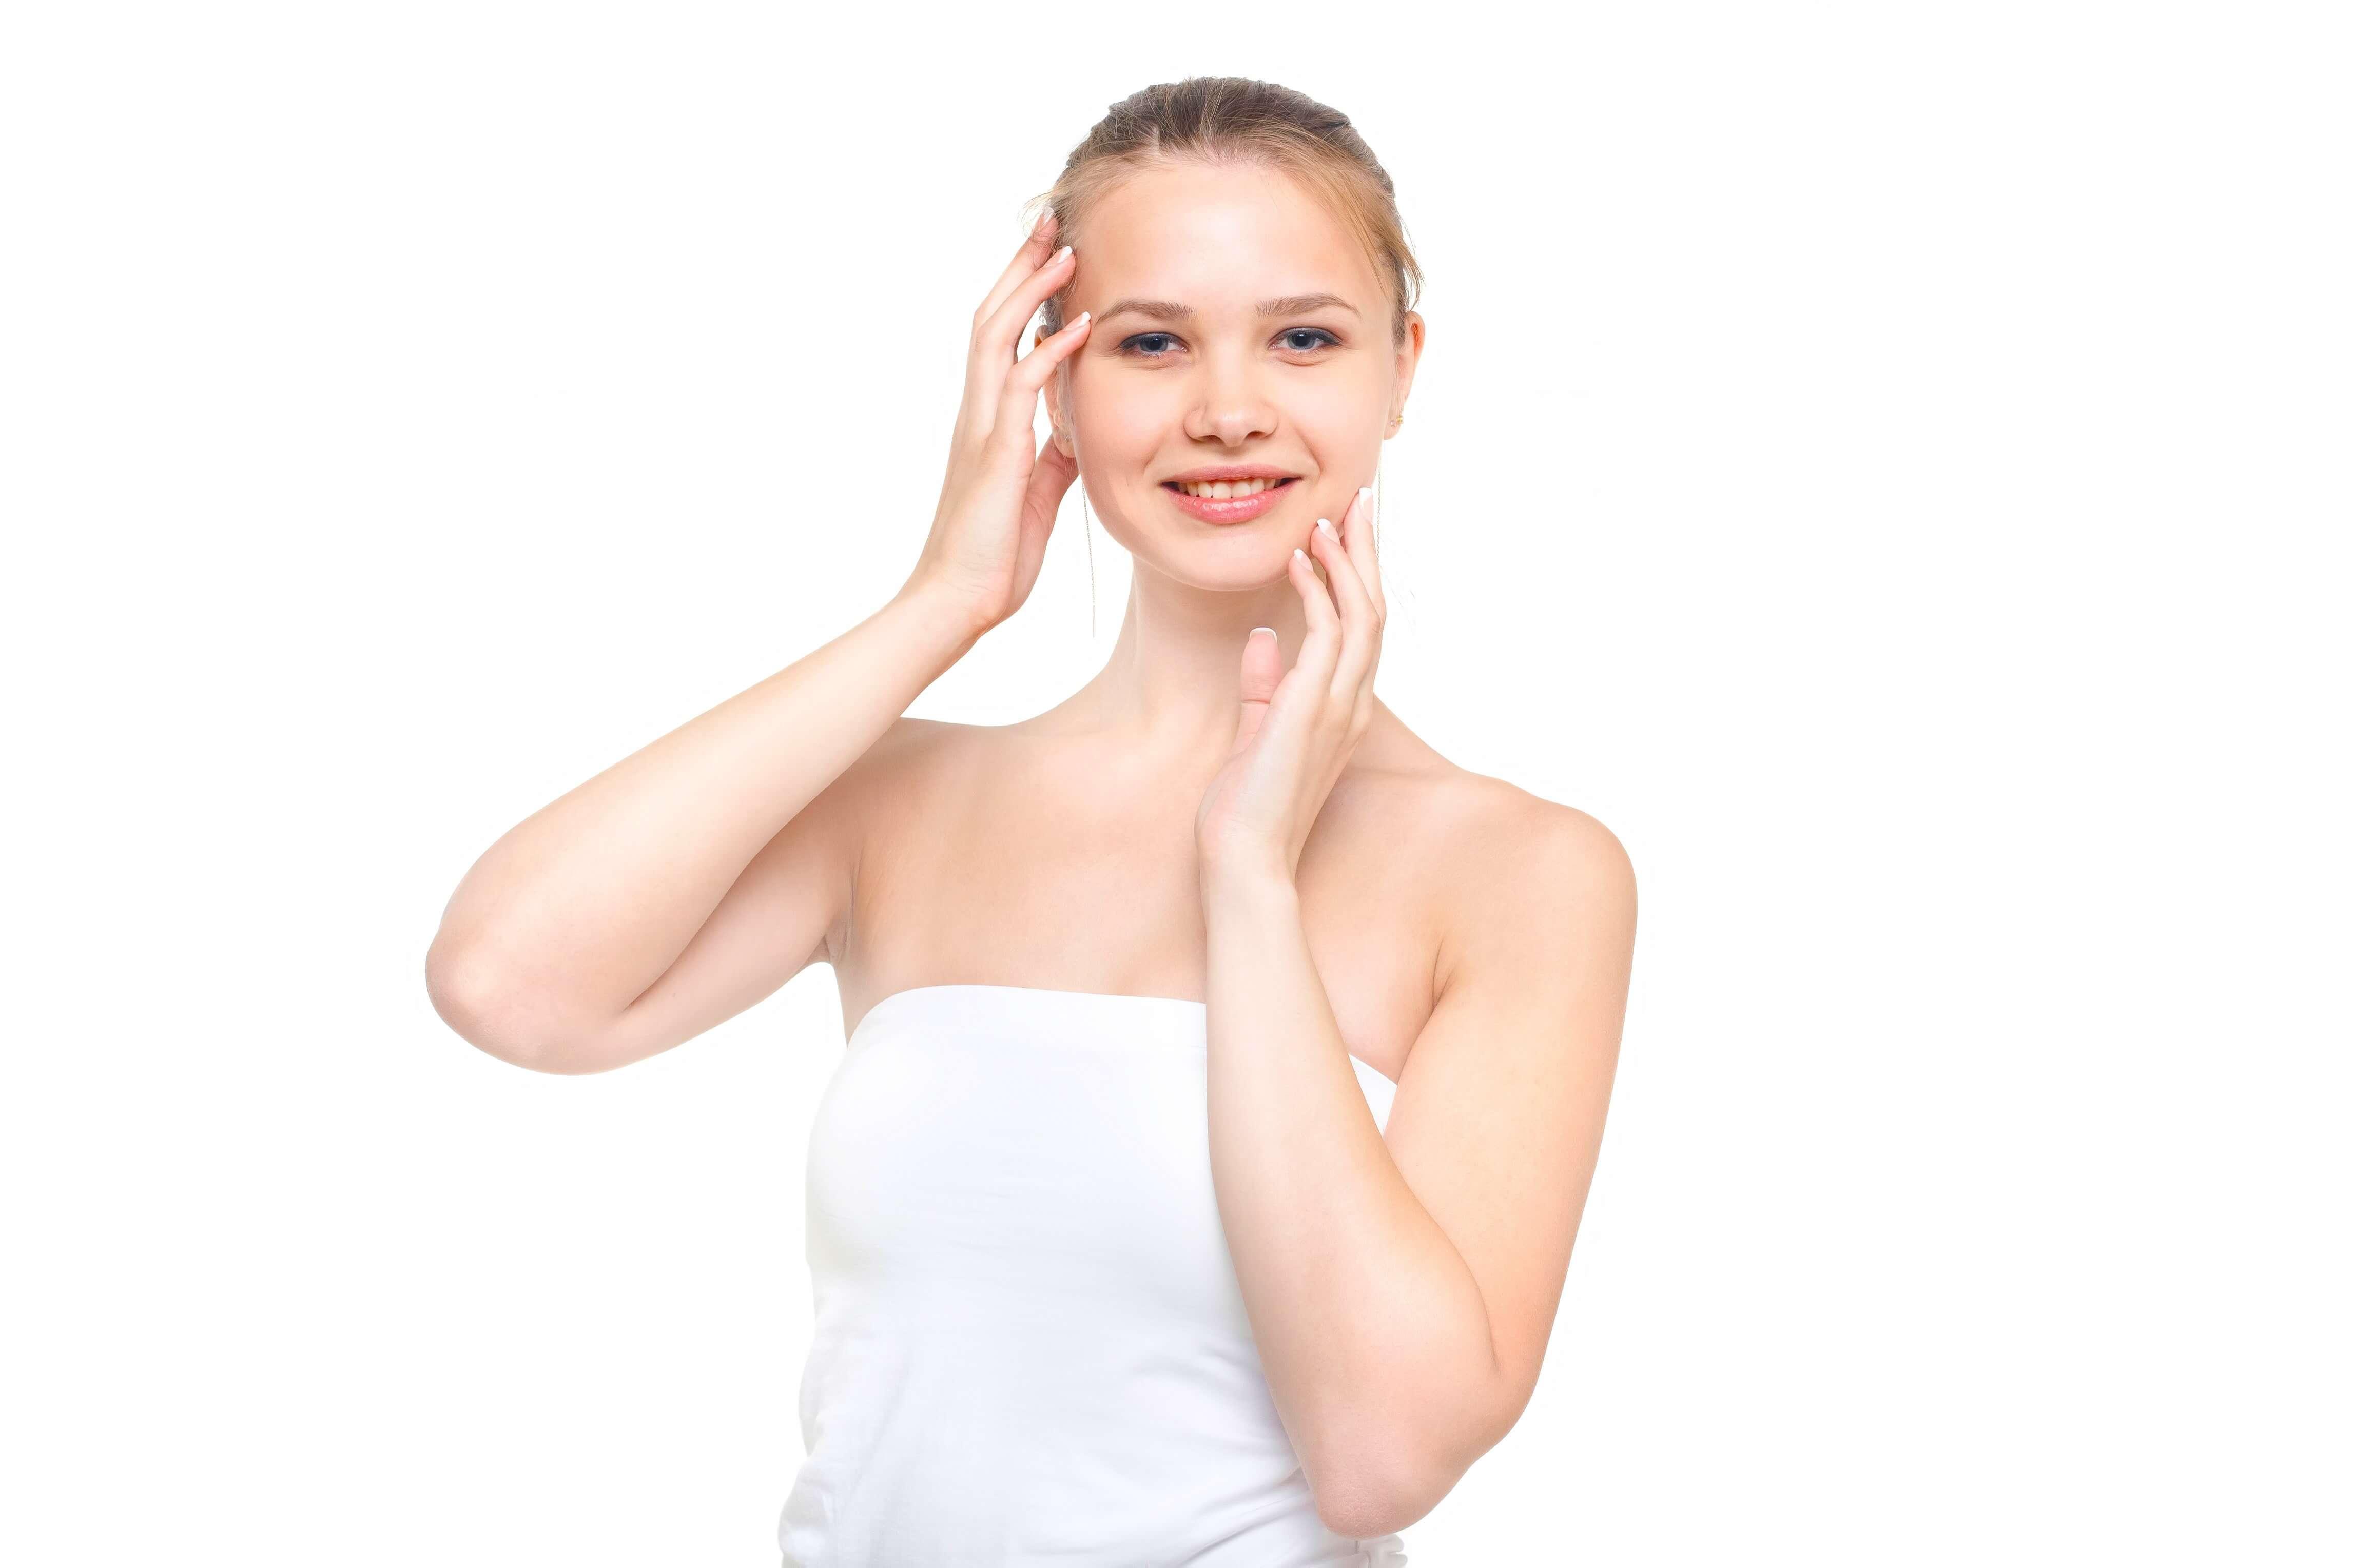 頭髪専門医師による女性薄毛治療クリニックでの薄毛対策という選択肢